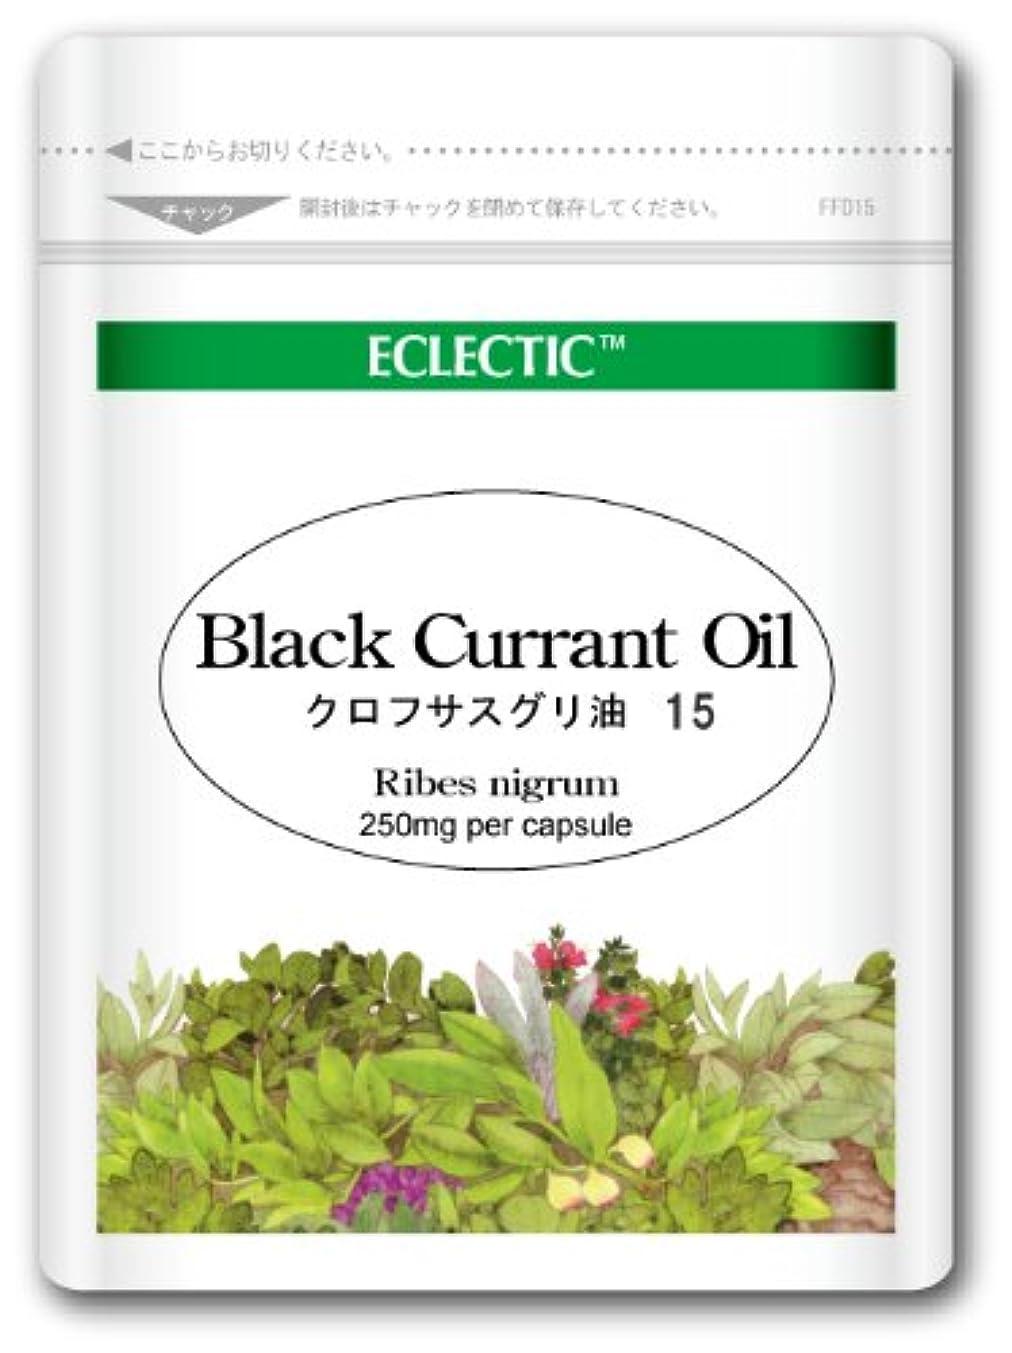 タッチと遊ぶ楽しい【クロフサスグリ油 (Black Currant Oil) オイル 250mg 15カプセル Ecoパック / エクレクティック】